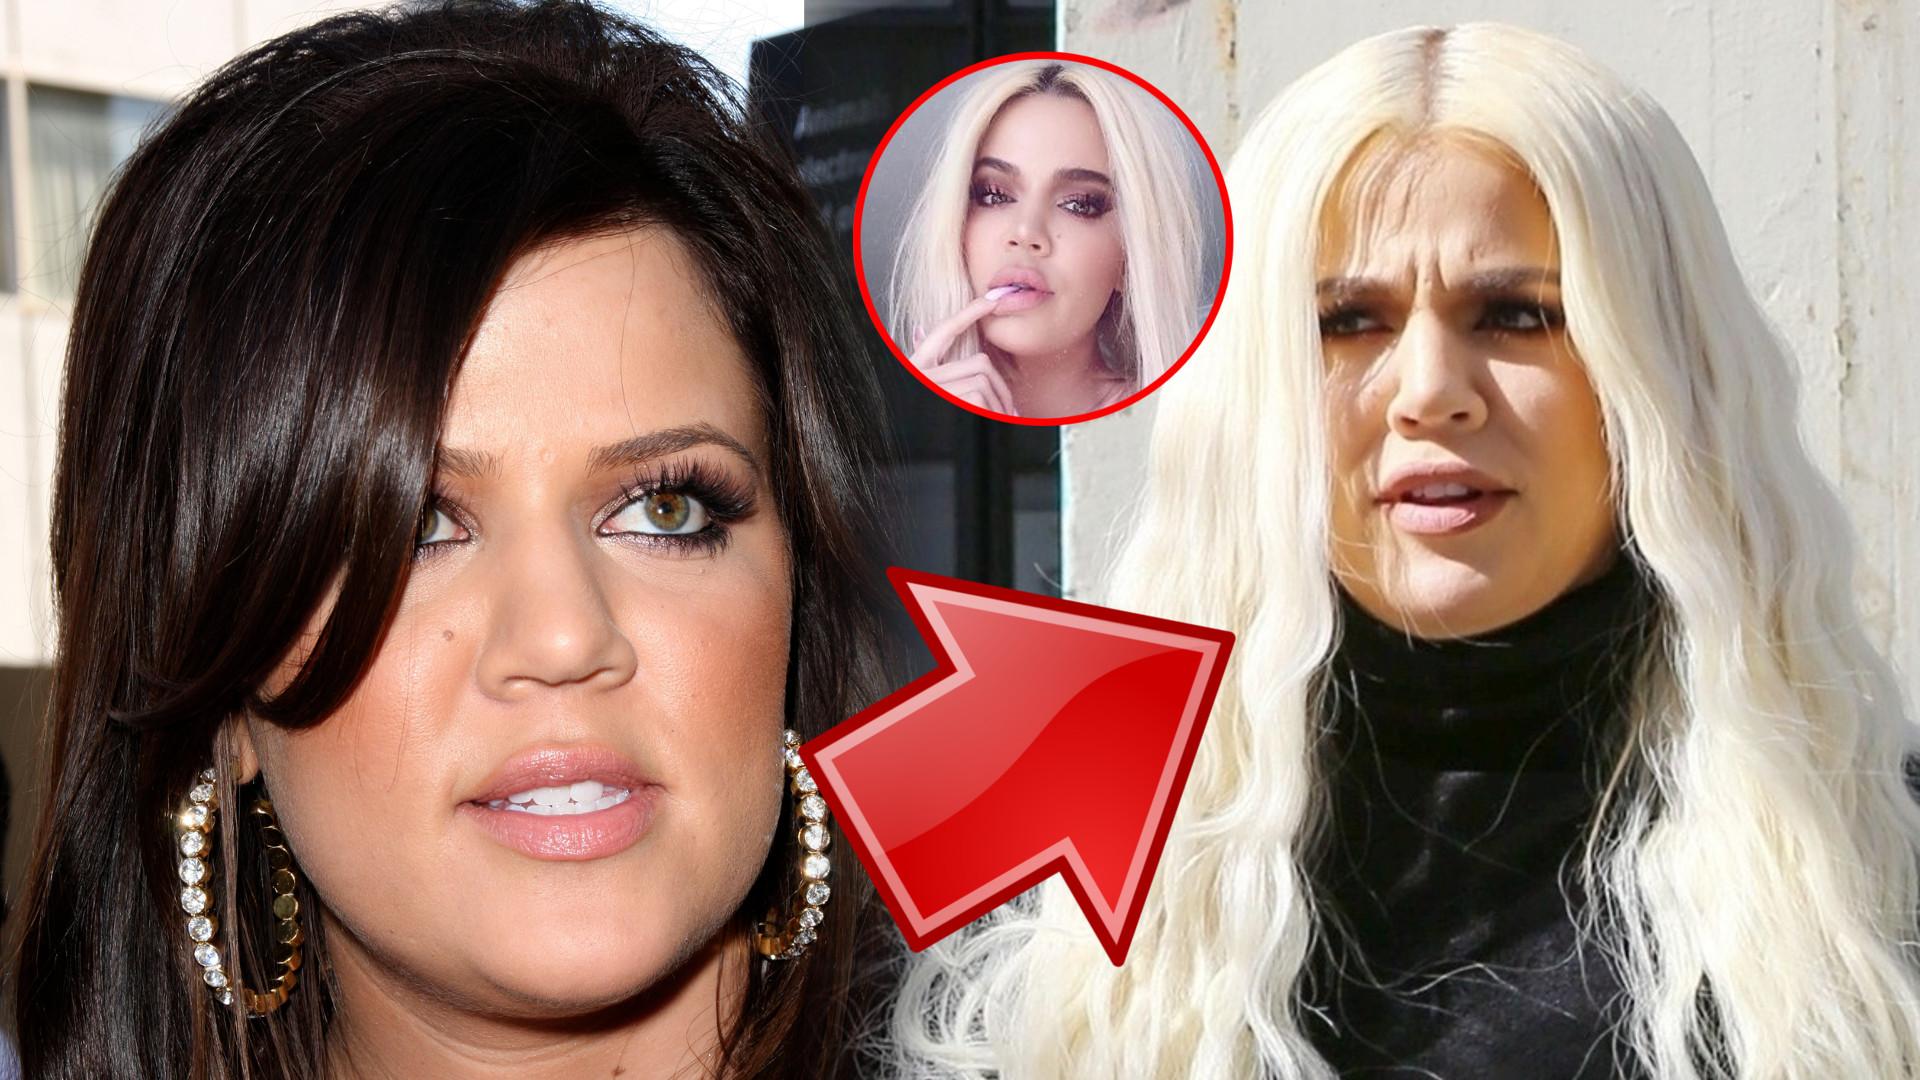 Masz już usta jak kaczka! – piszą fani Khloe Kardashian. Porównaliśmy jej nowe zdjęcia ze starymi. Widać, że pomponuje usta?